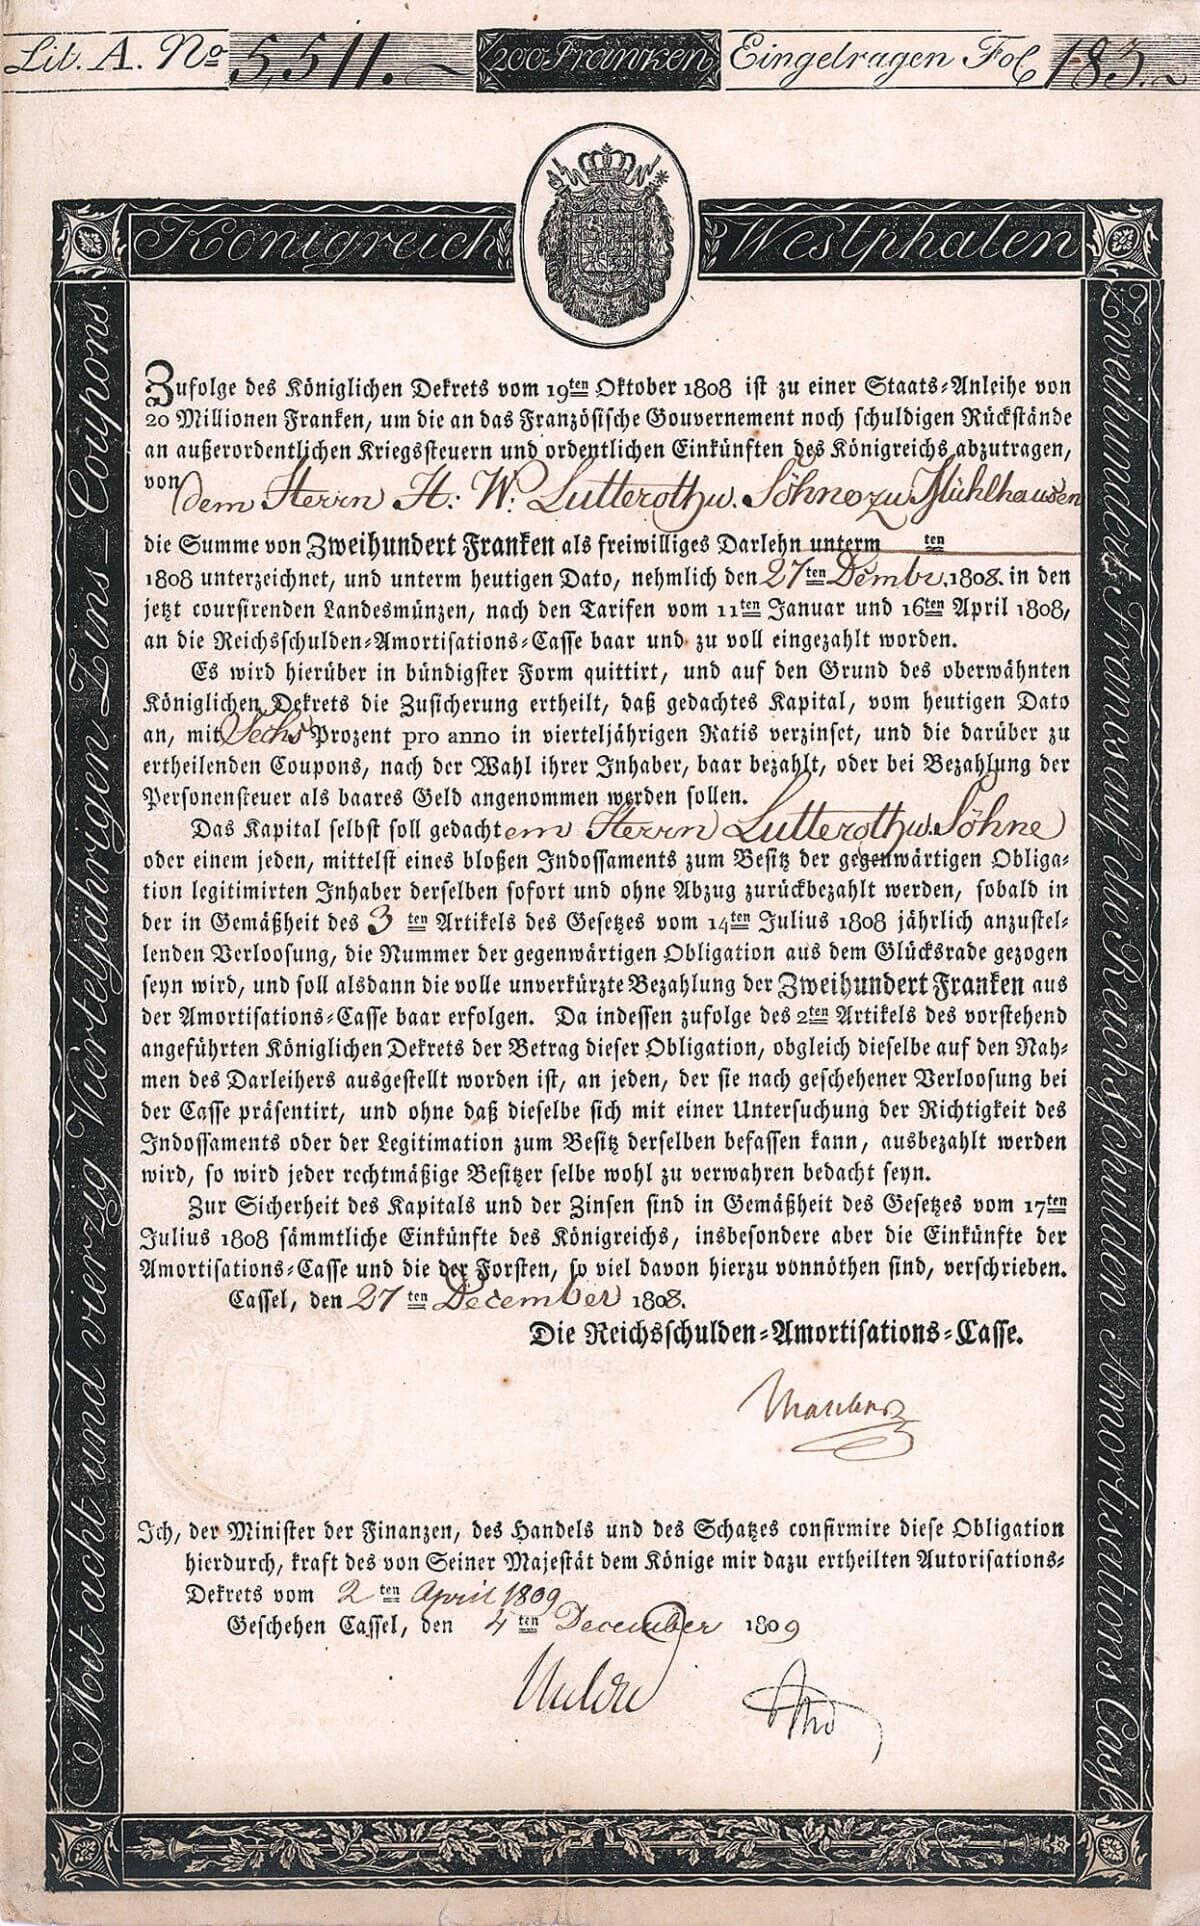 Königreich Westphalen, Kassel, Obligation von 1808. Das Königreich Westphalen ging 1807 aus den nach dem Tilsiter Frieden von Preußen abgetretenen linkselbischen Besitzungen und annektierten Gebieten seiner Verbündeten (Braunschweig, Corvey, z.T. Kurhessen) hervor. König wurde Napoleons jüngster Bruder Jerome.